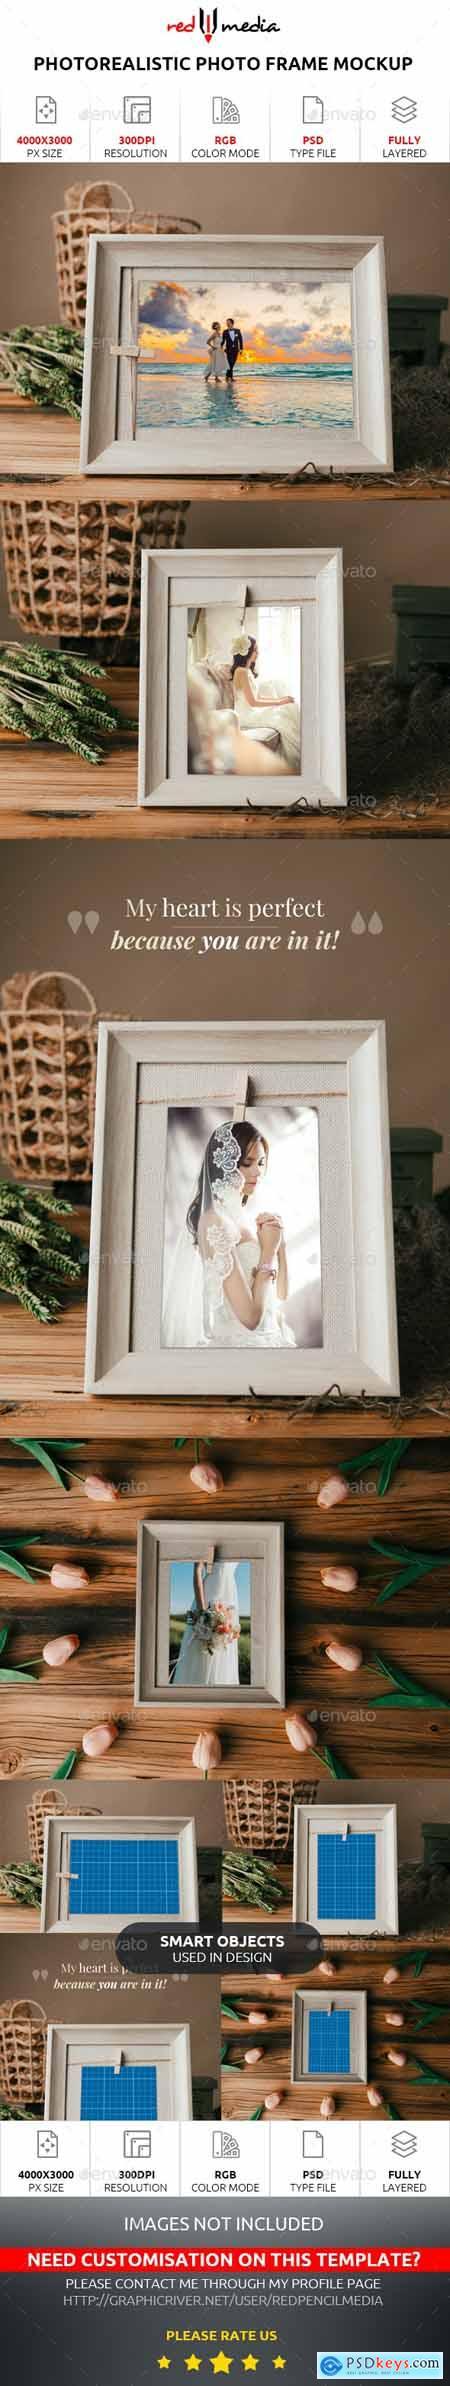 Photorealistic Photo Frame Mockup 28061571